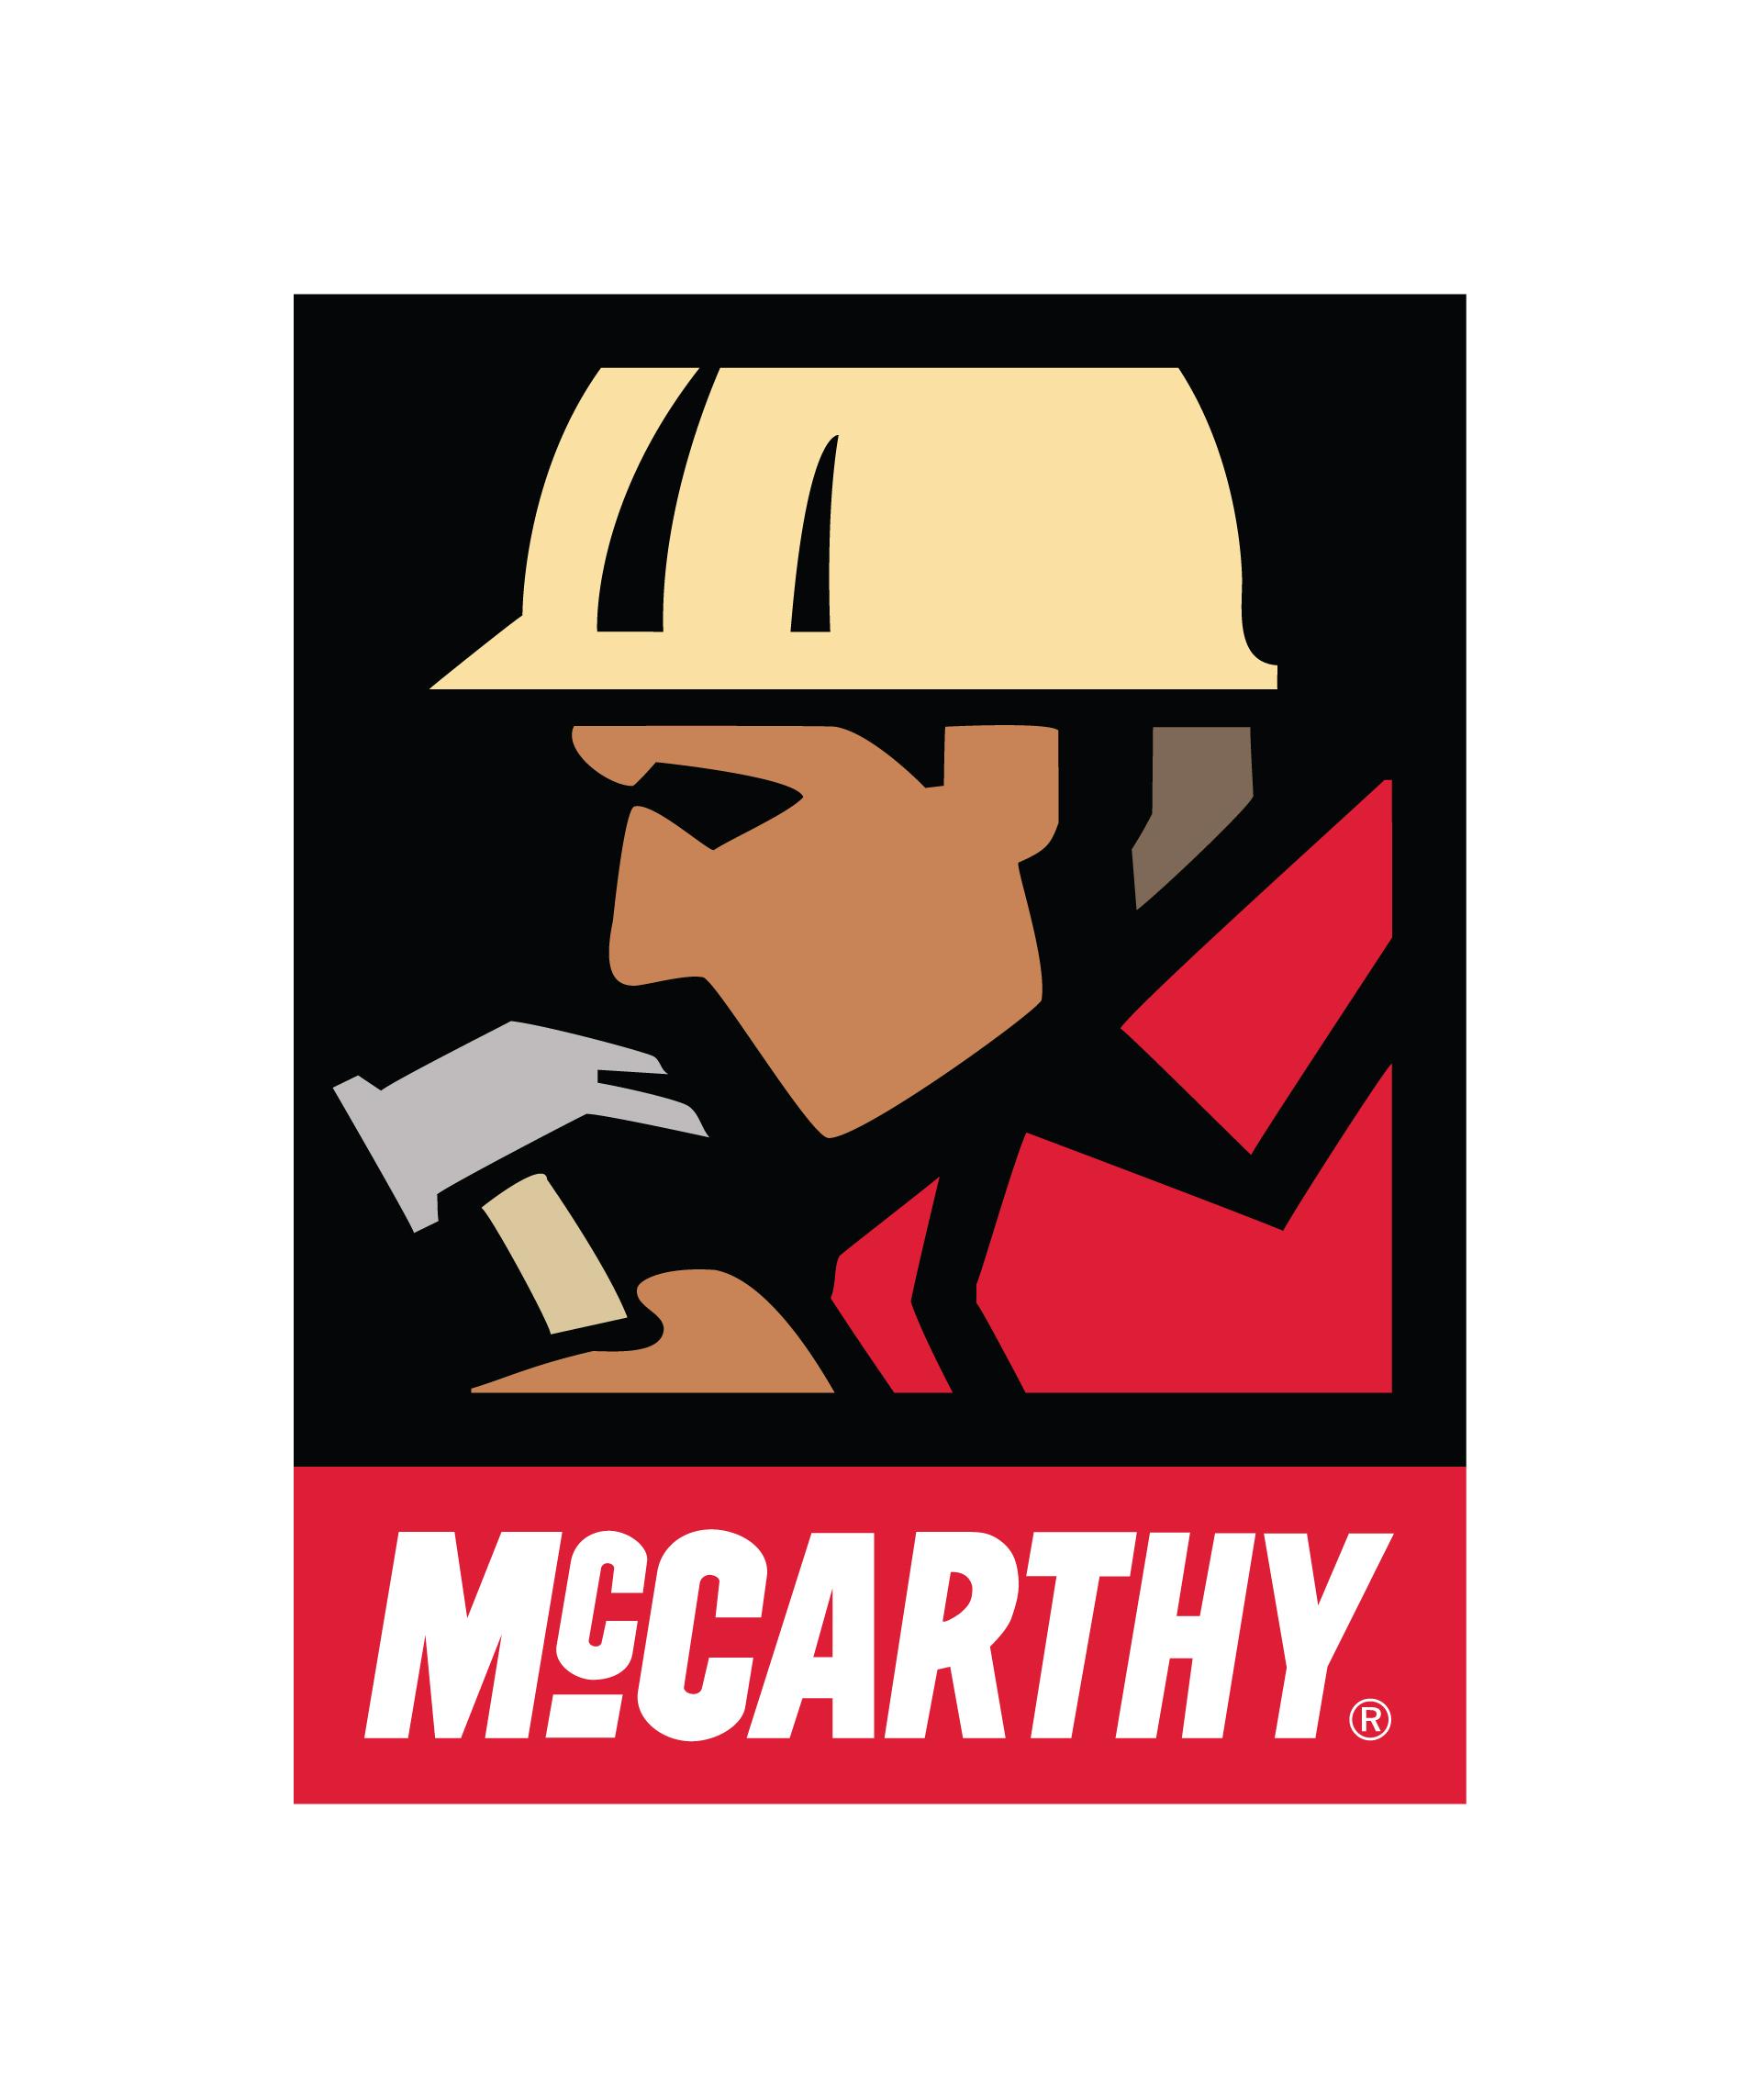 McCarthy%20logo.jpg